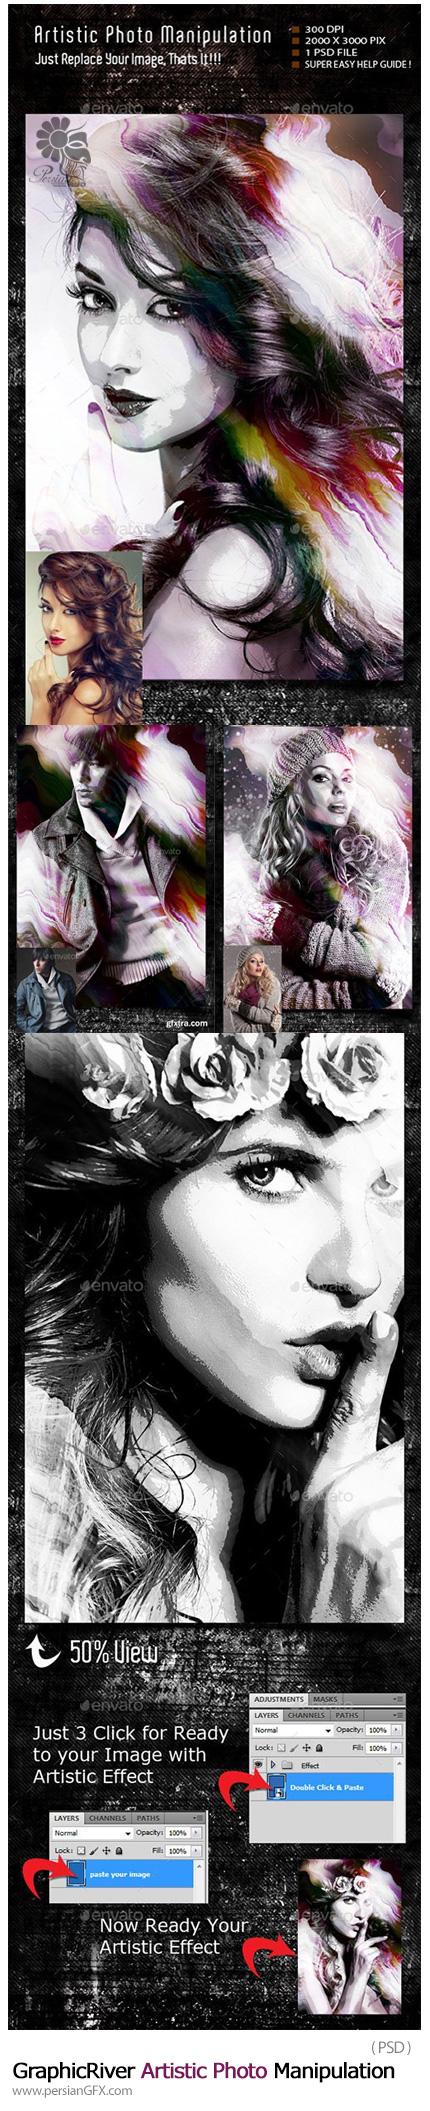 دانلود تصاویر لایه باز ایجاد افکت هنری دستکاری شده بر روی تصاویر از گرافیک ریور - GraphicRiver Artistic Photo Manipulation